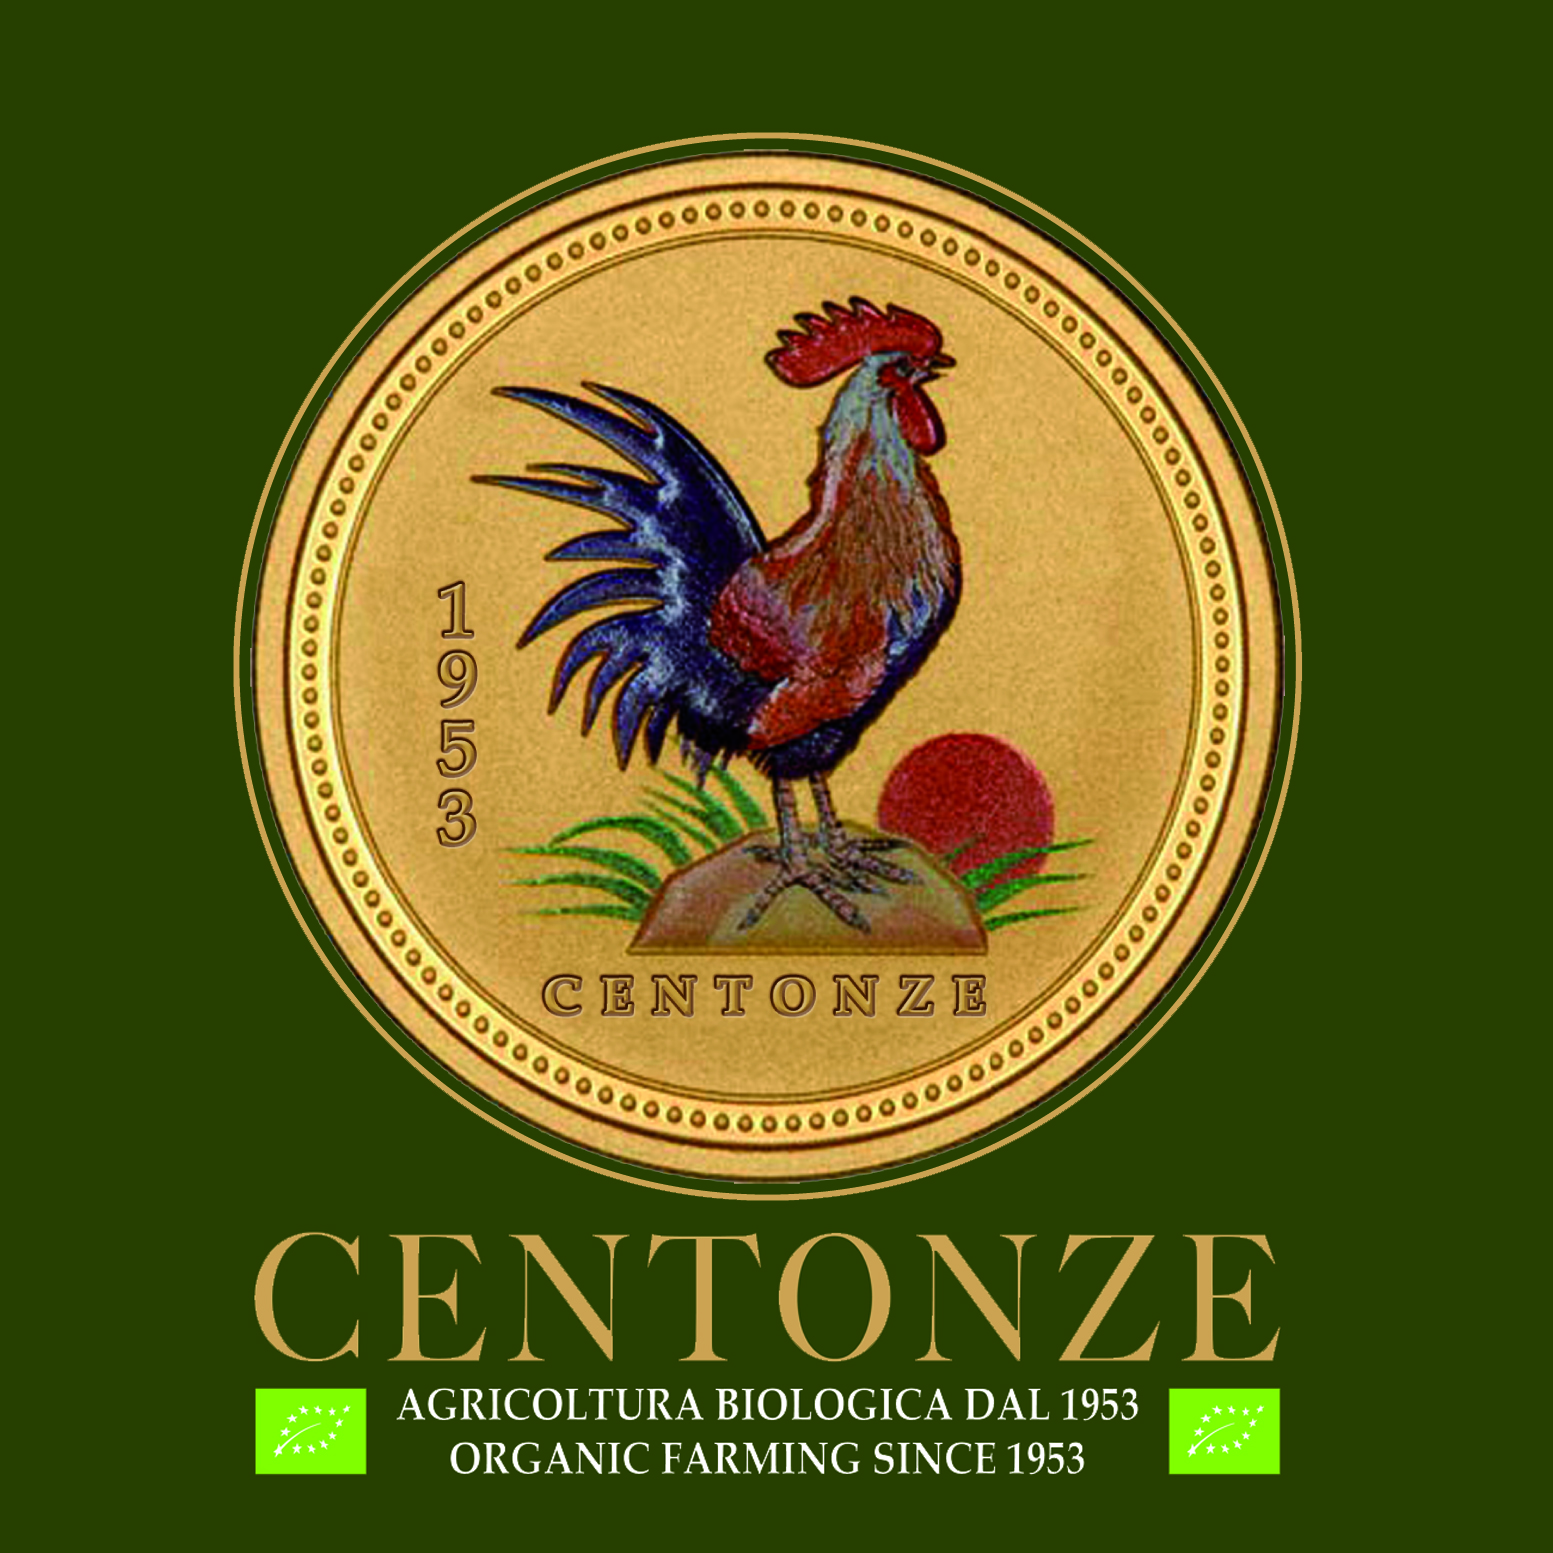 Antonio Centonze